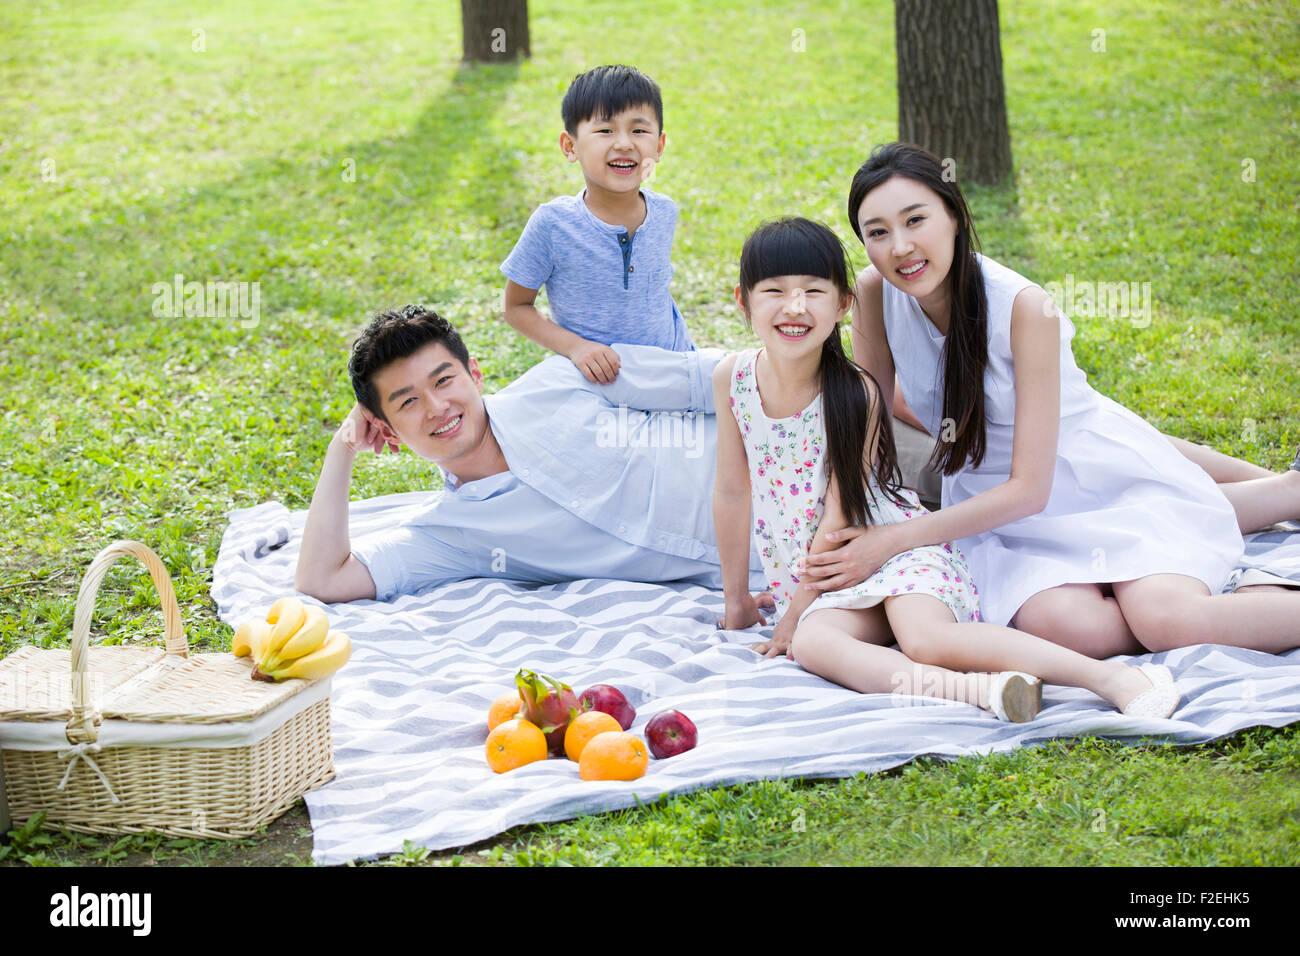 Feliz familia joven tener un picnic en la hierba Imagen De Stock